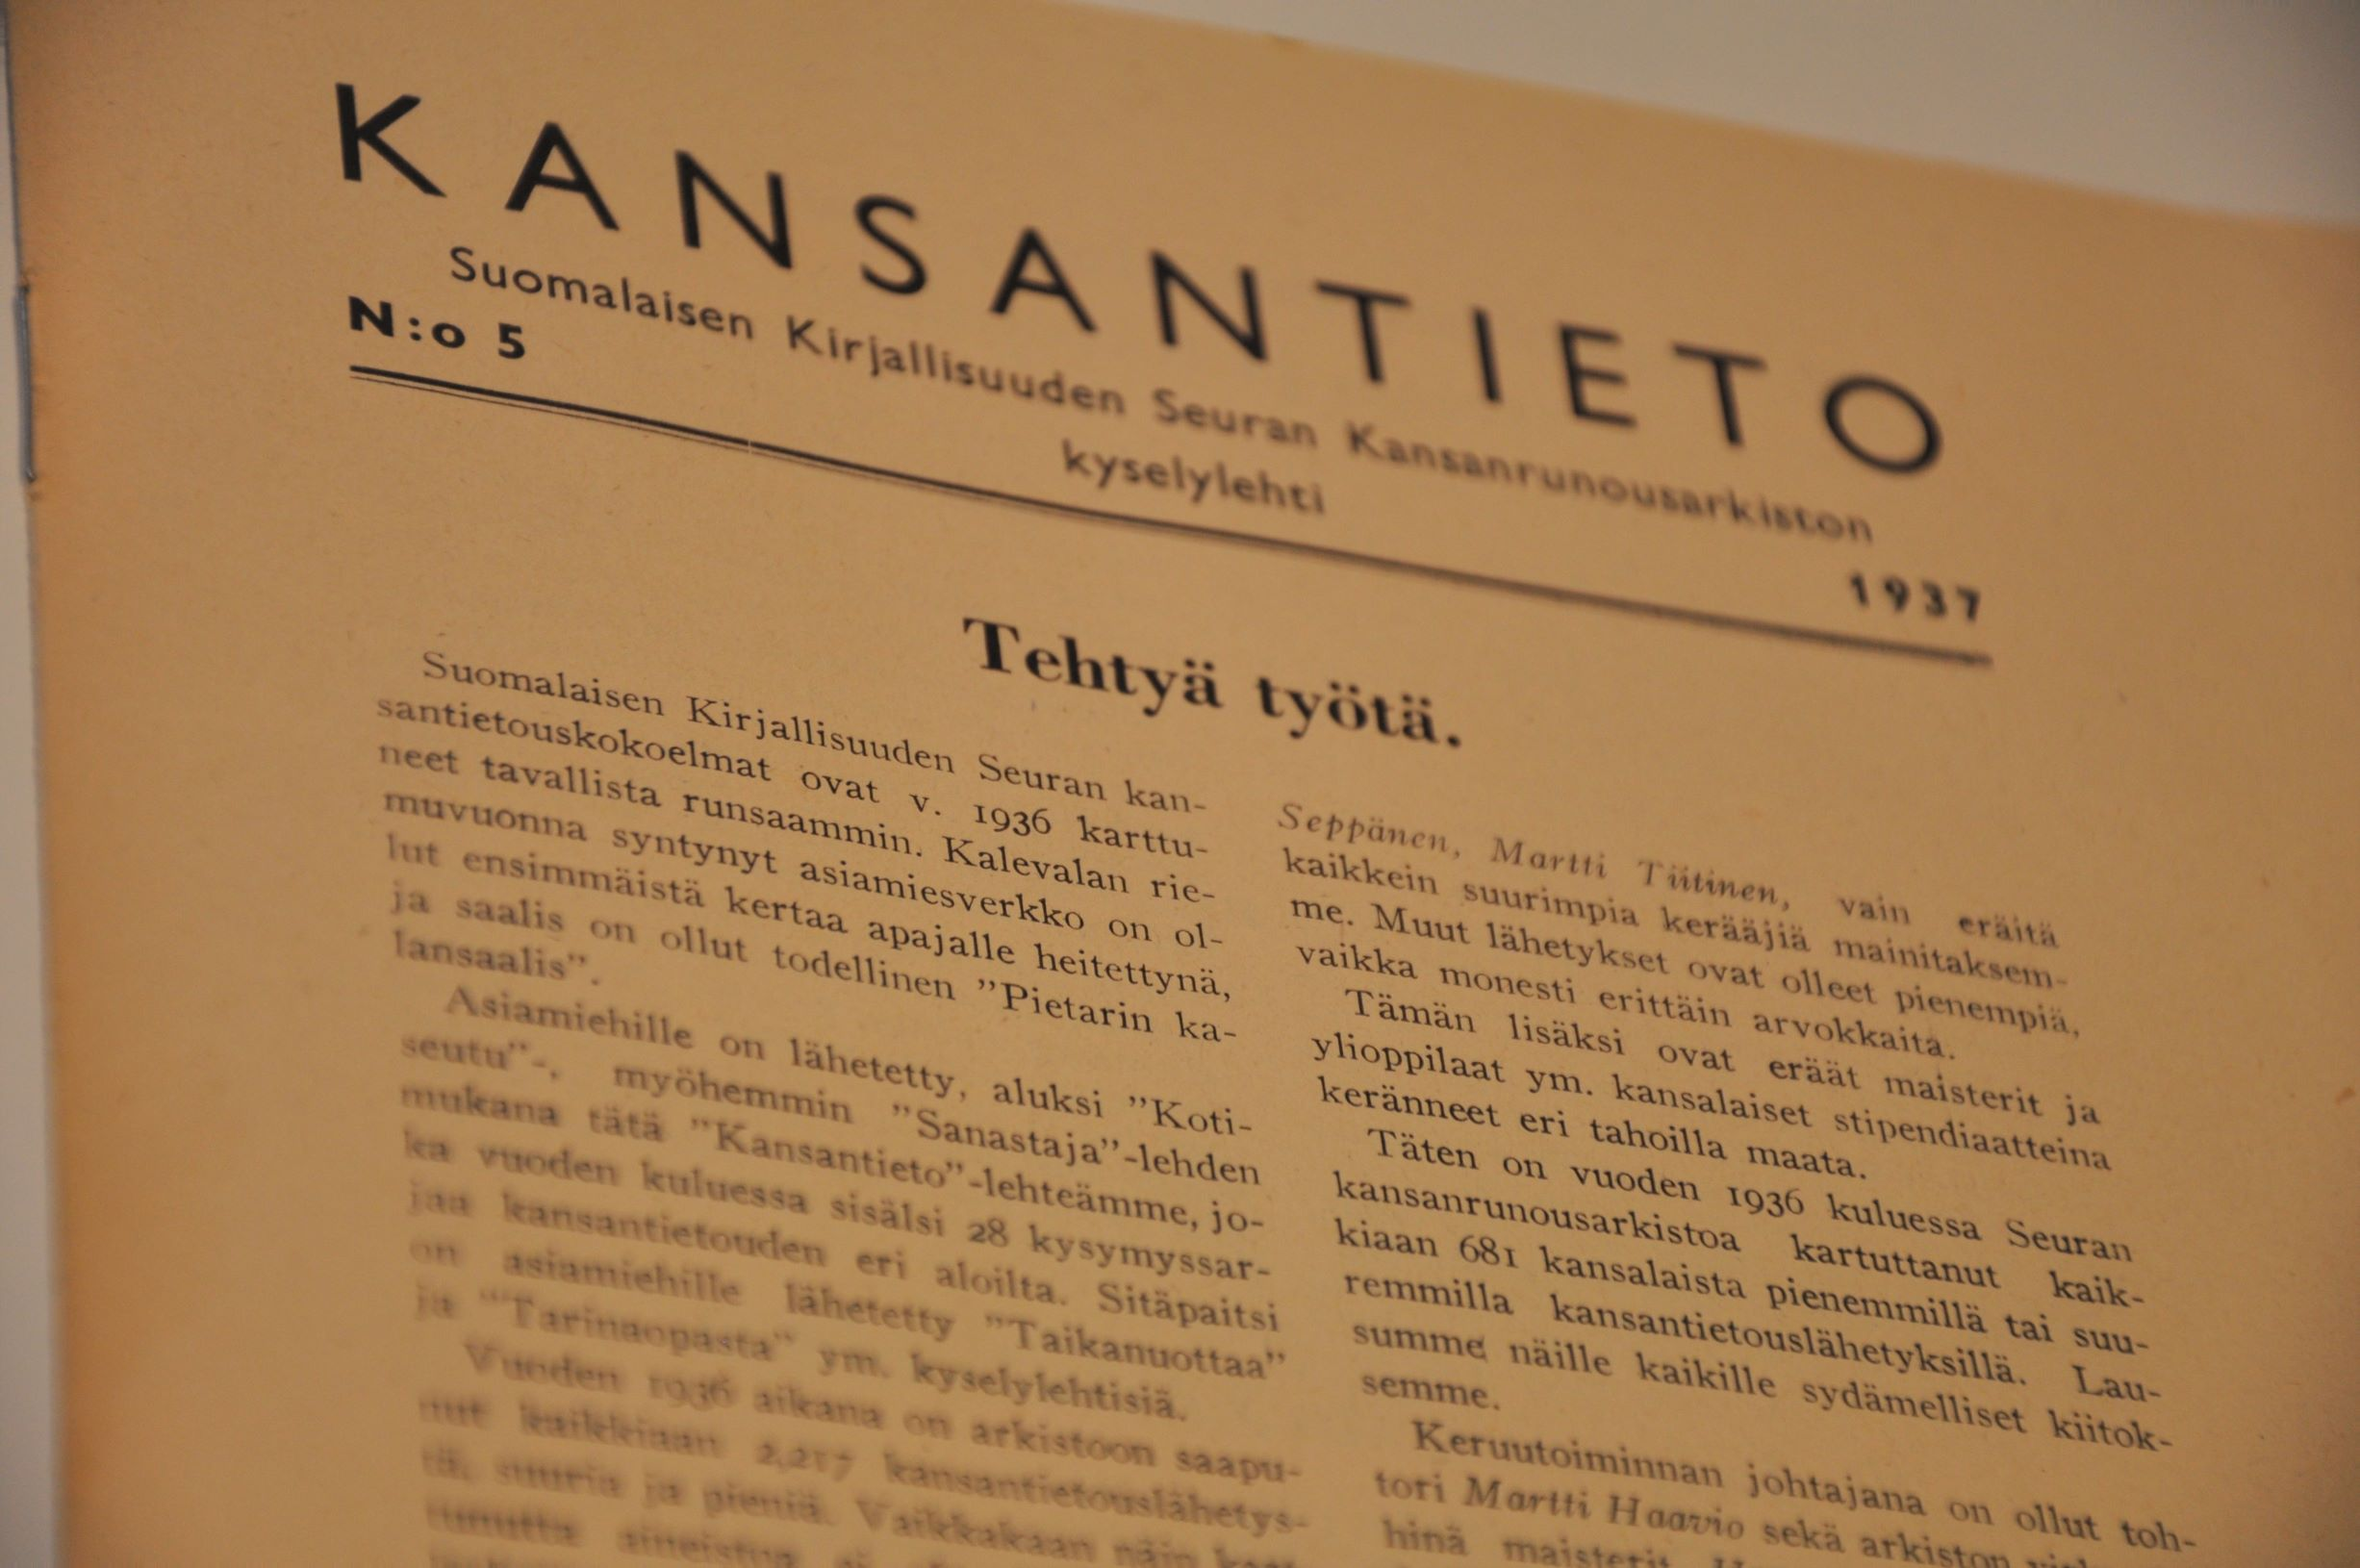 Kansantieto 1937